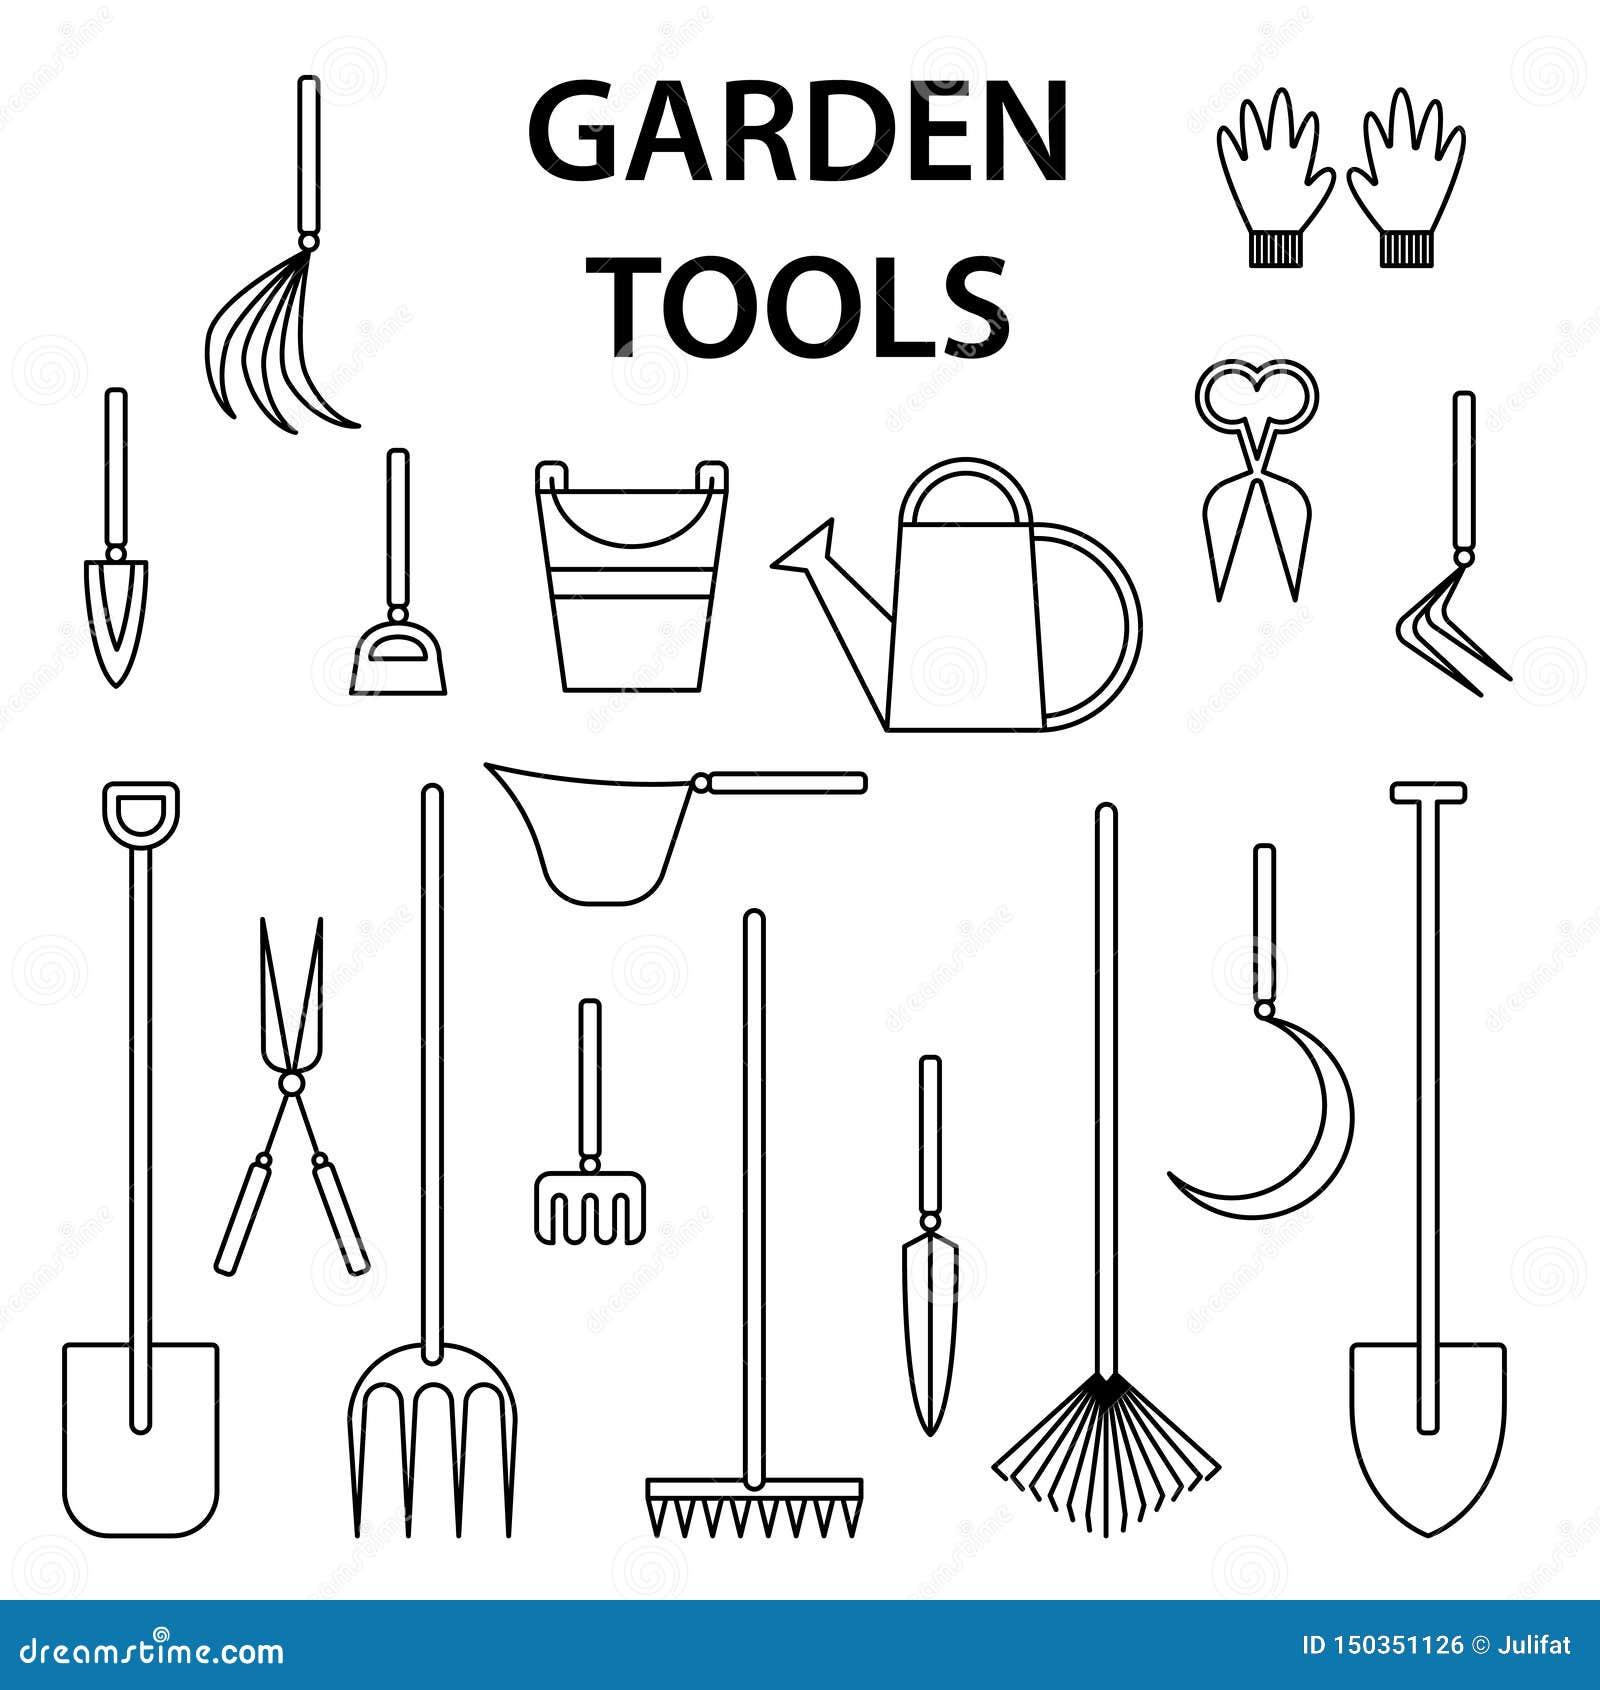 Les Outils De Jardinage Avec Photos outils de jardinage neufs, plateau de canne conception d